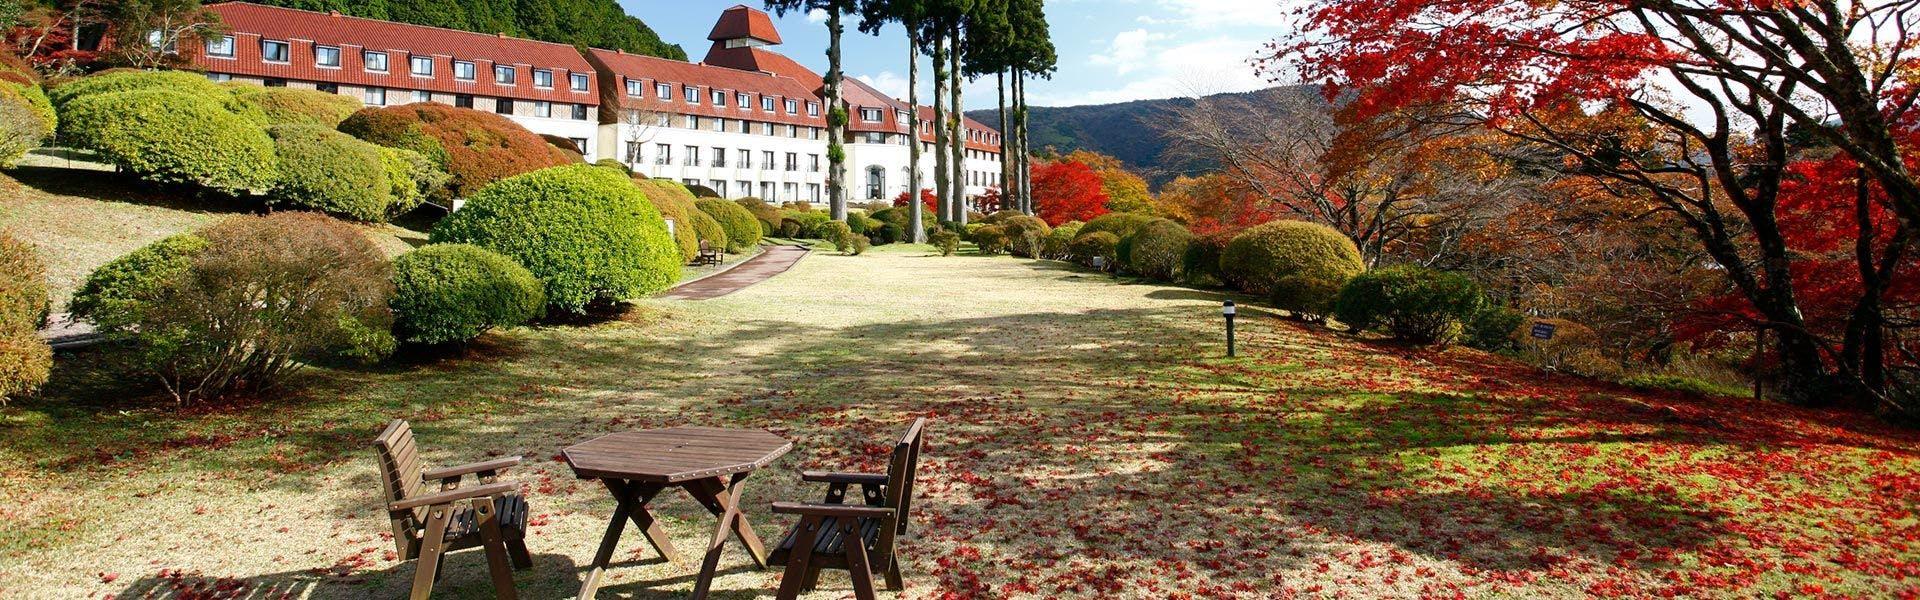 記念日におすすめのホテル・小田急 山のホテルの写真2